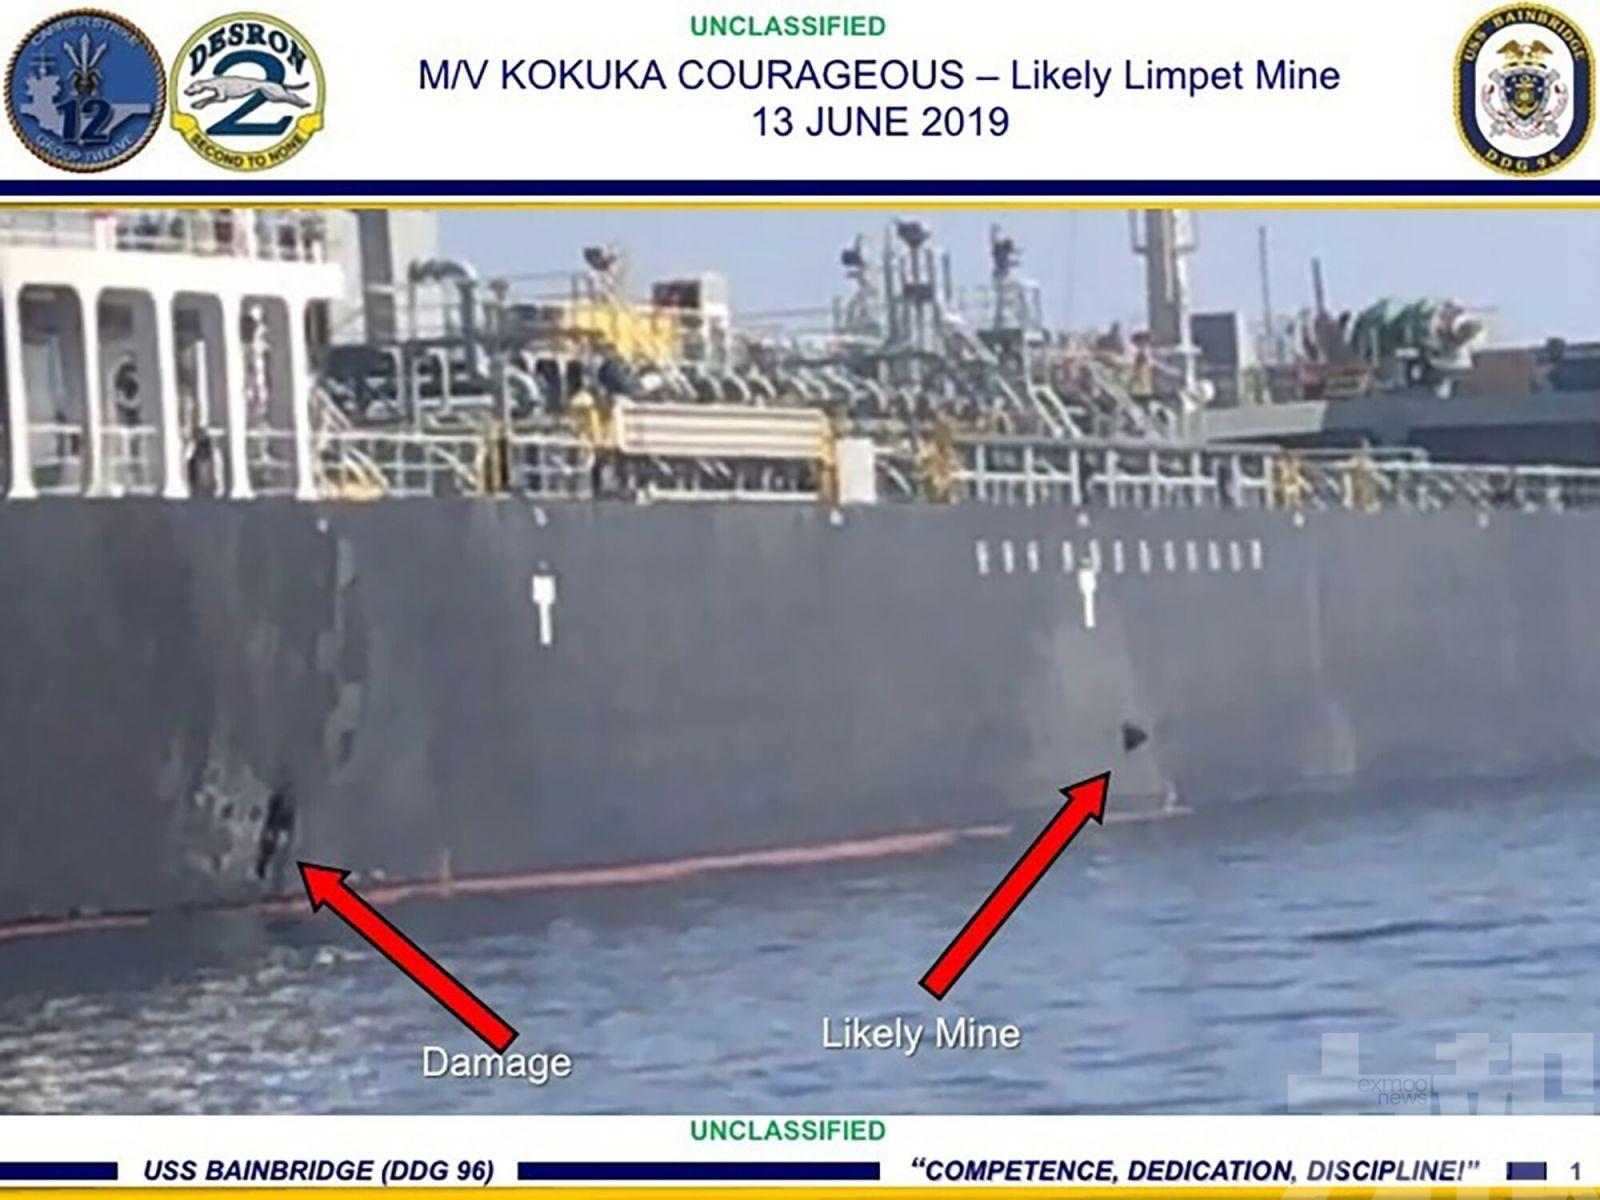 美軍影片顯示伊朗移走未爆魚雷